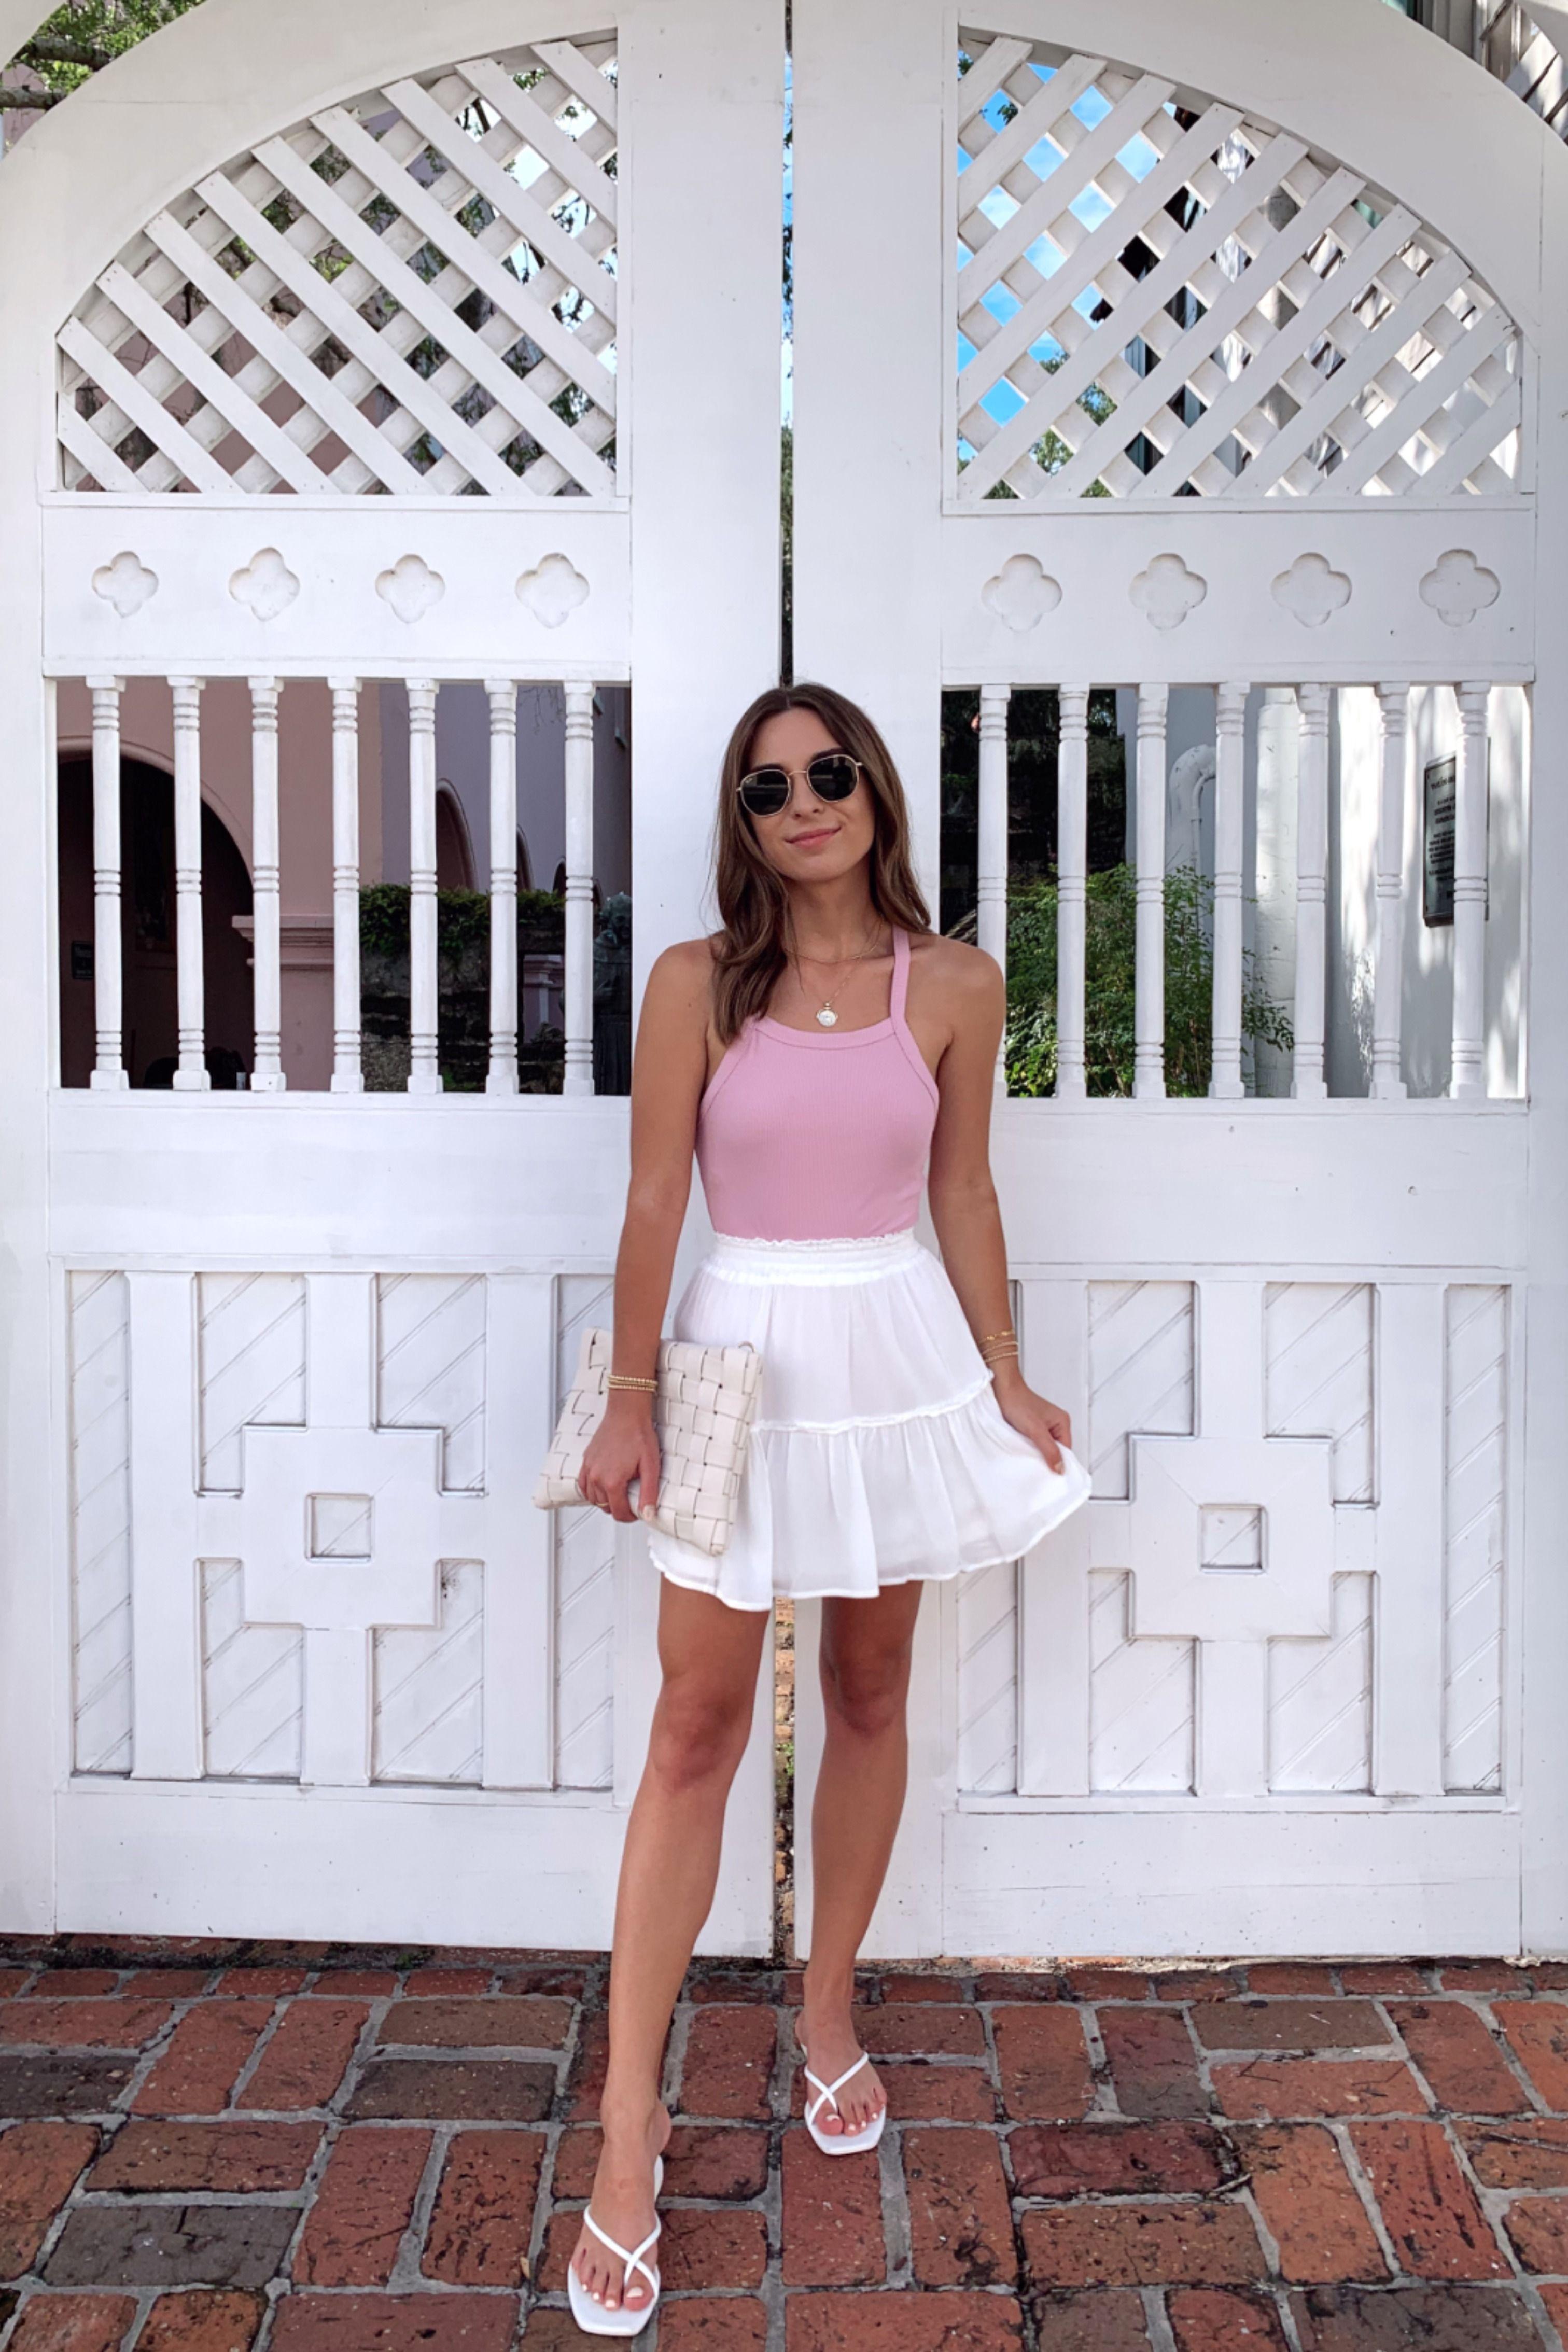 White Flowy Mini Skirt Summer Outfit Shopsunhoney Summerstyle Summerinspo Whitesk Cute Skirt Outfits Mini Skirts Outfits Summer Trendy Summer Outfits [ 4536 x 3024 Pixel ]